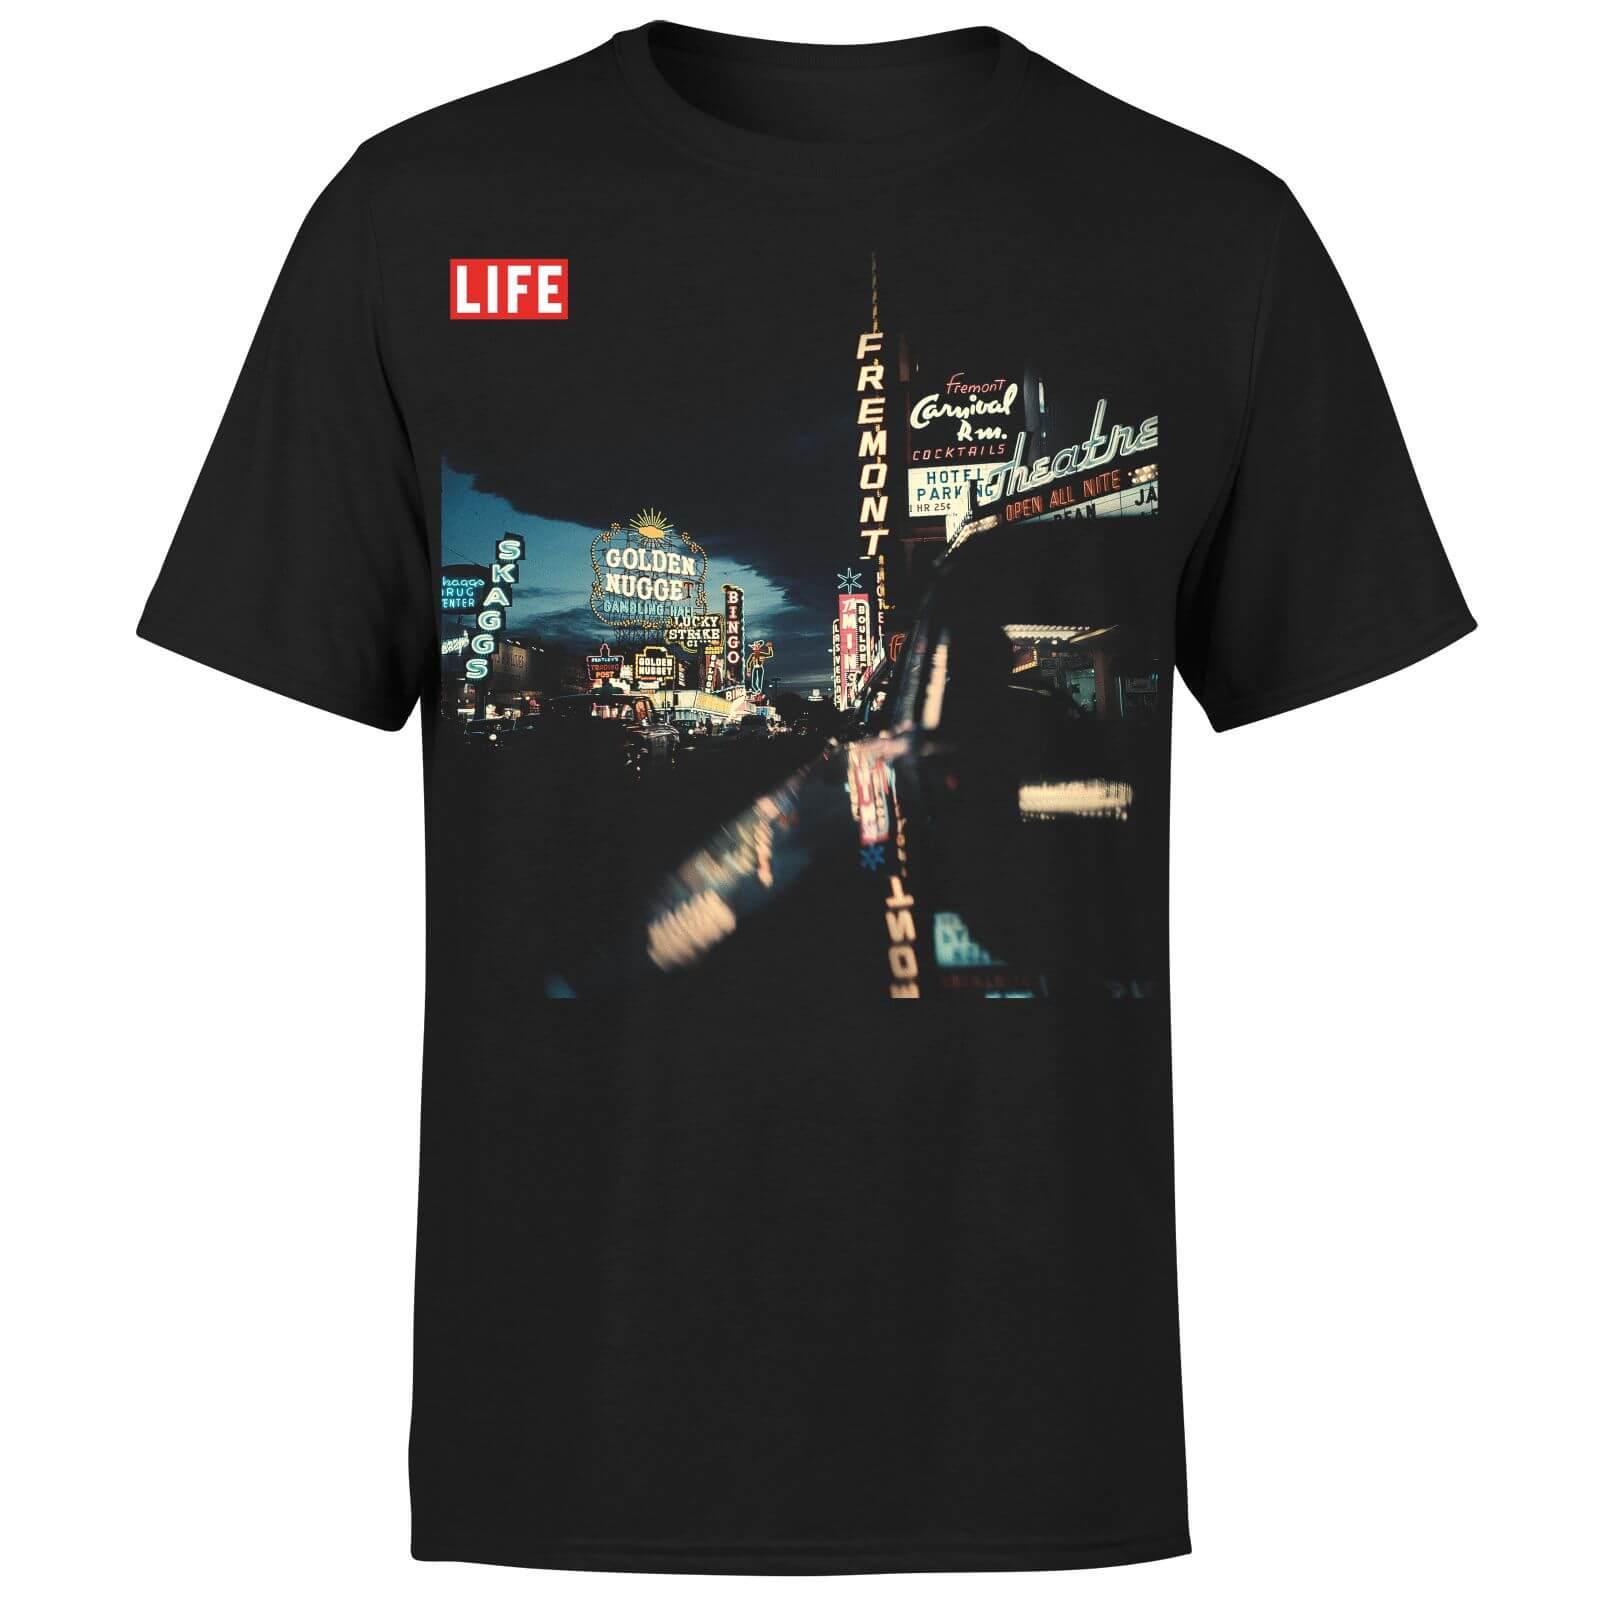 LIFE Magazine Night Life Men's T-Shirt - Black - L - Black-male